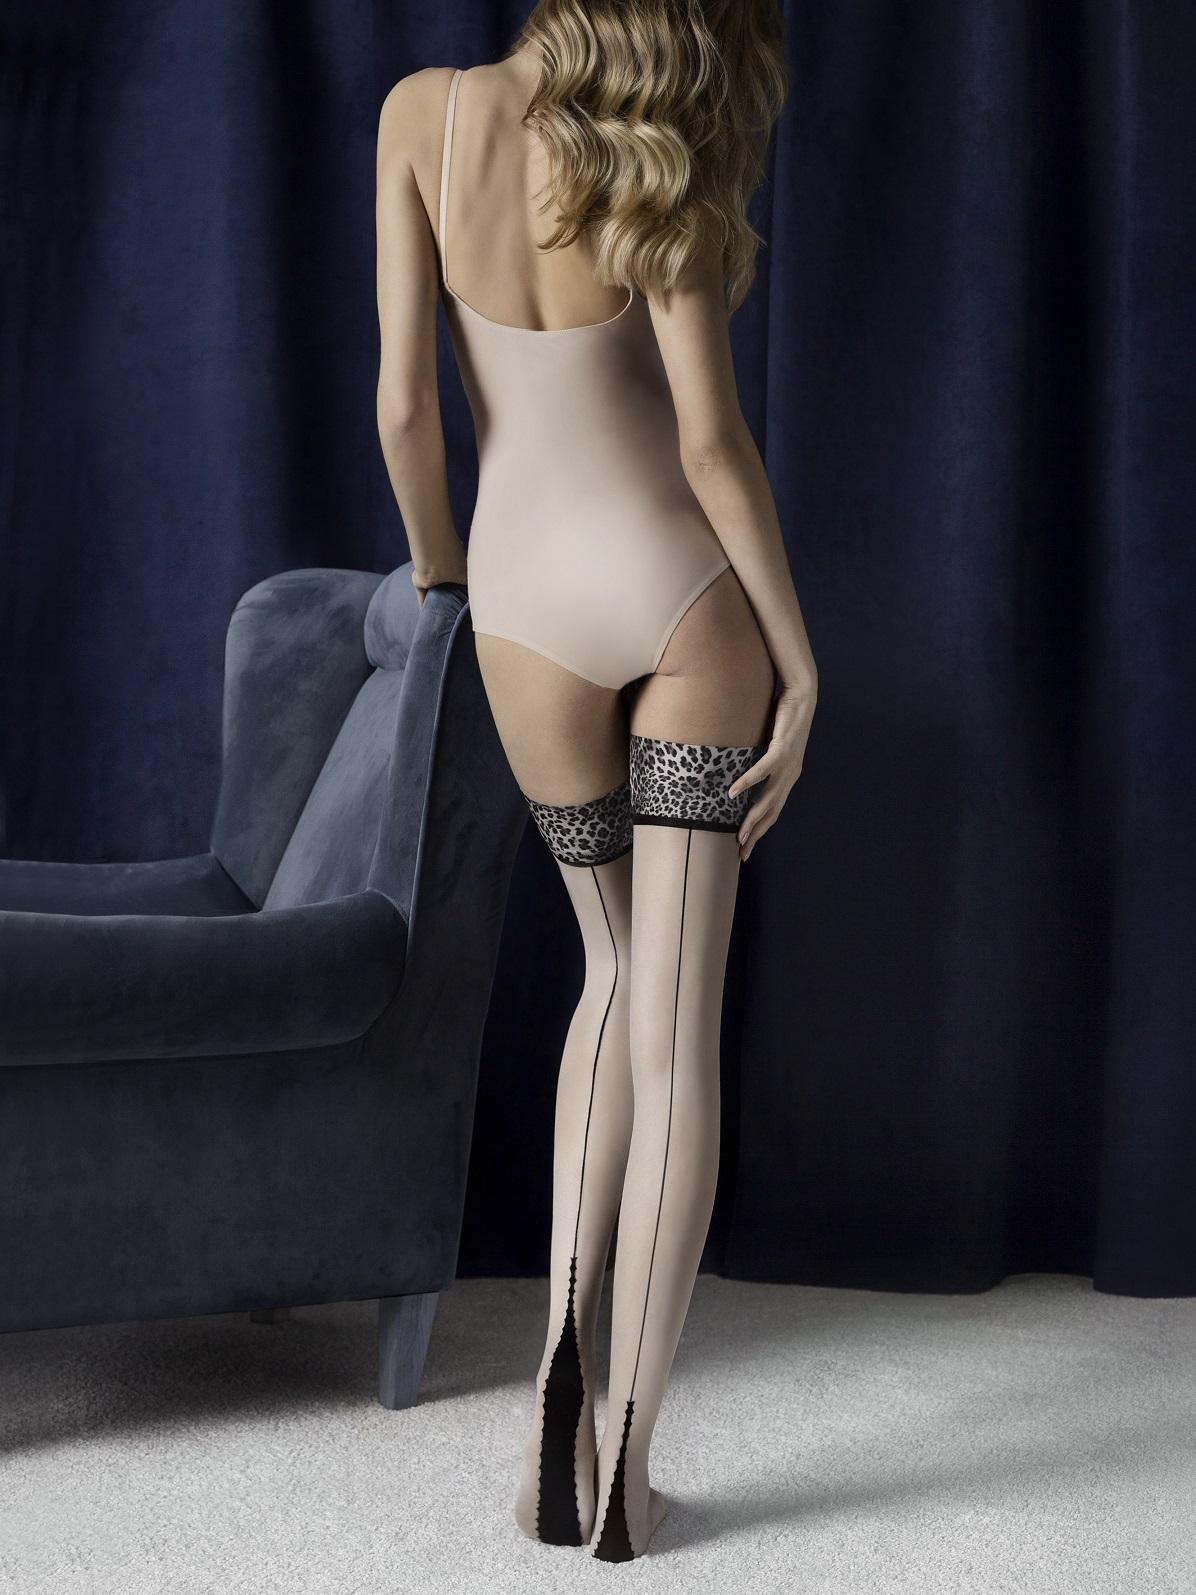 ottenere a buon mercato più recente marchio famoso Calze autoreggenti 20 denari modello Lust